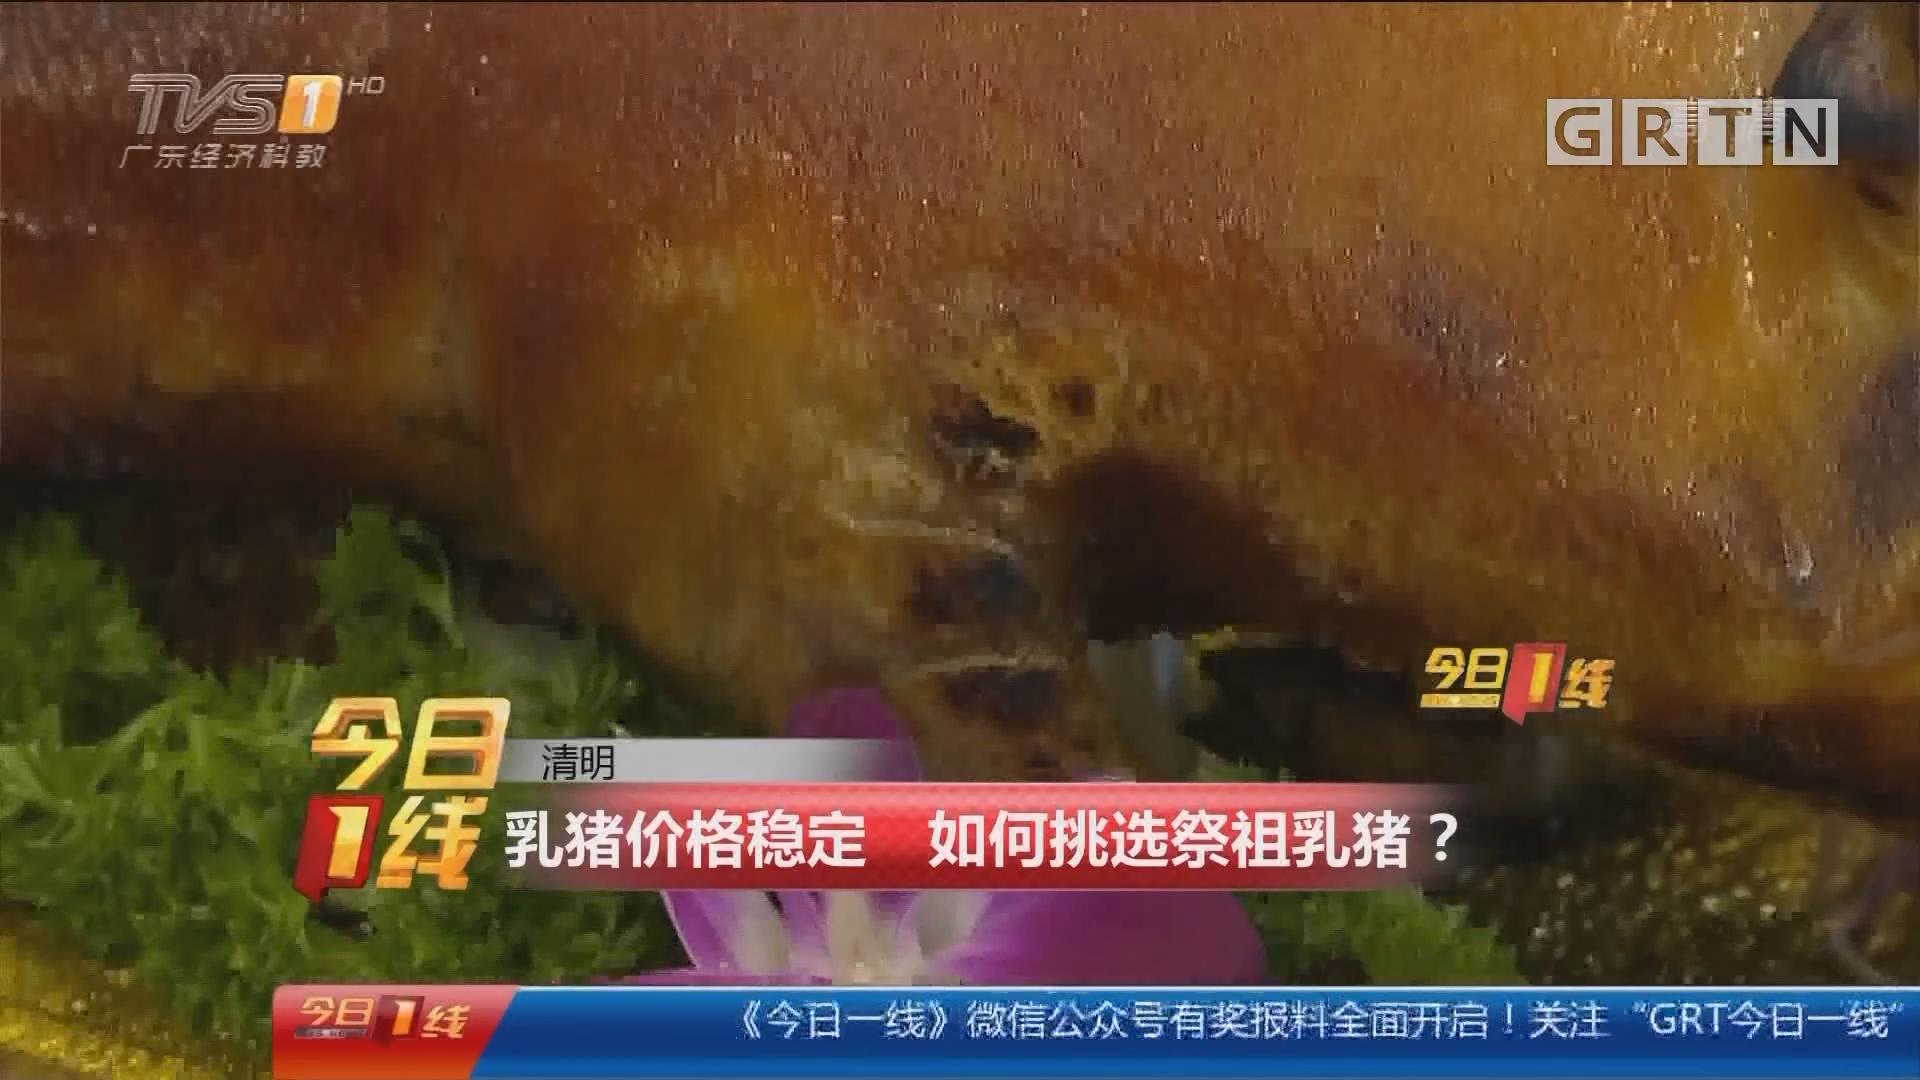 清明:乳猪价格稳定 如何挑选祭祖乳猪?